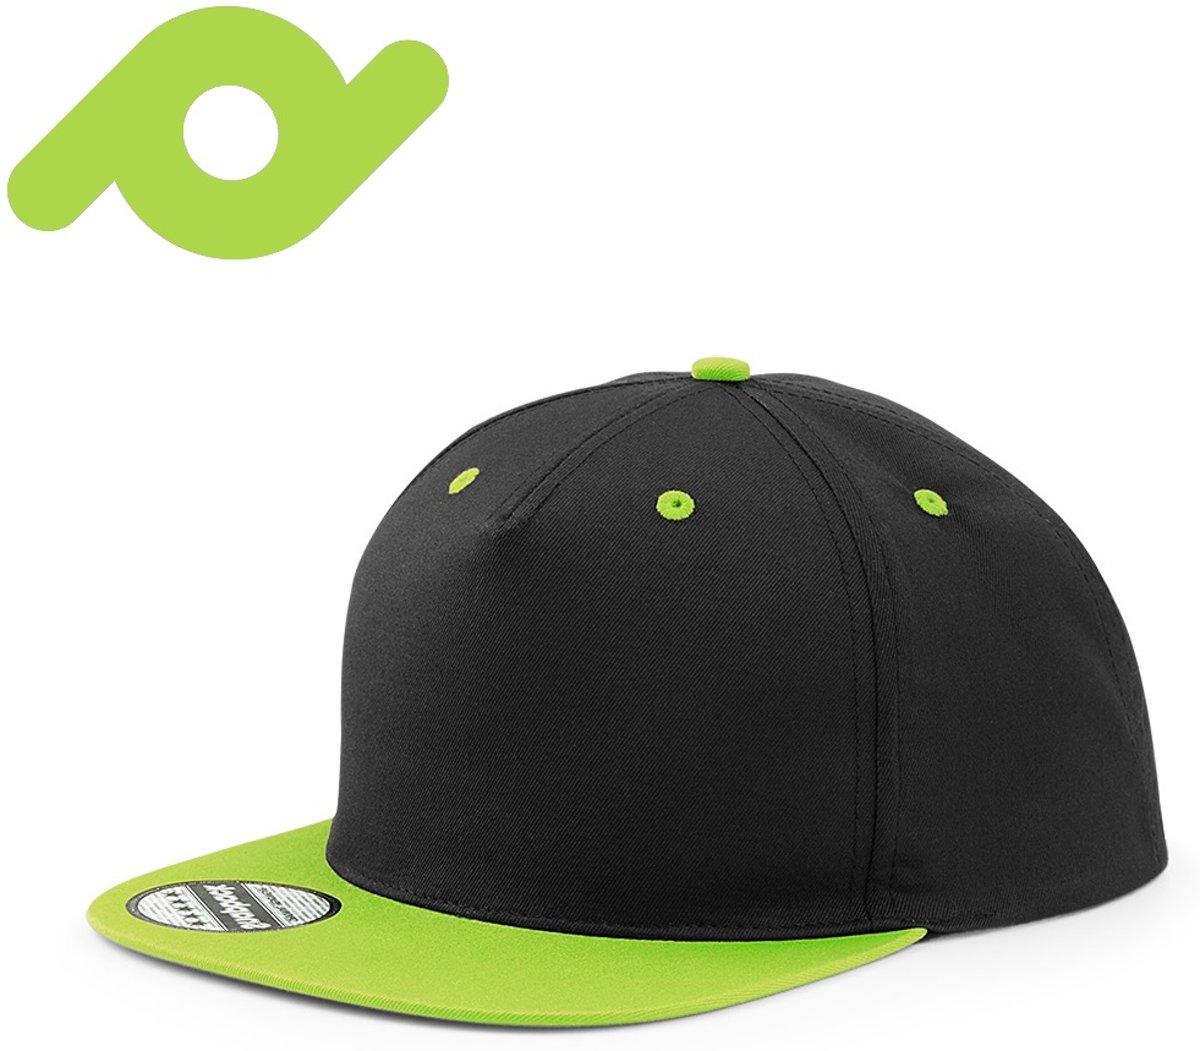 Senvi Snapback met Platte Klep Zwart/Lime (One size fits all)